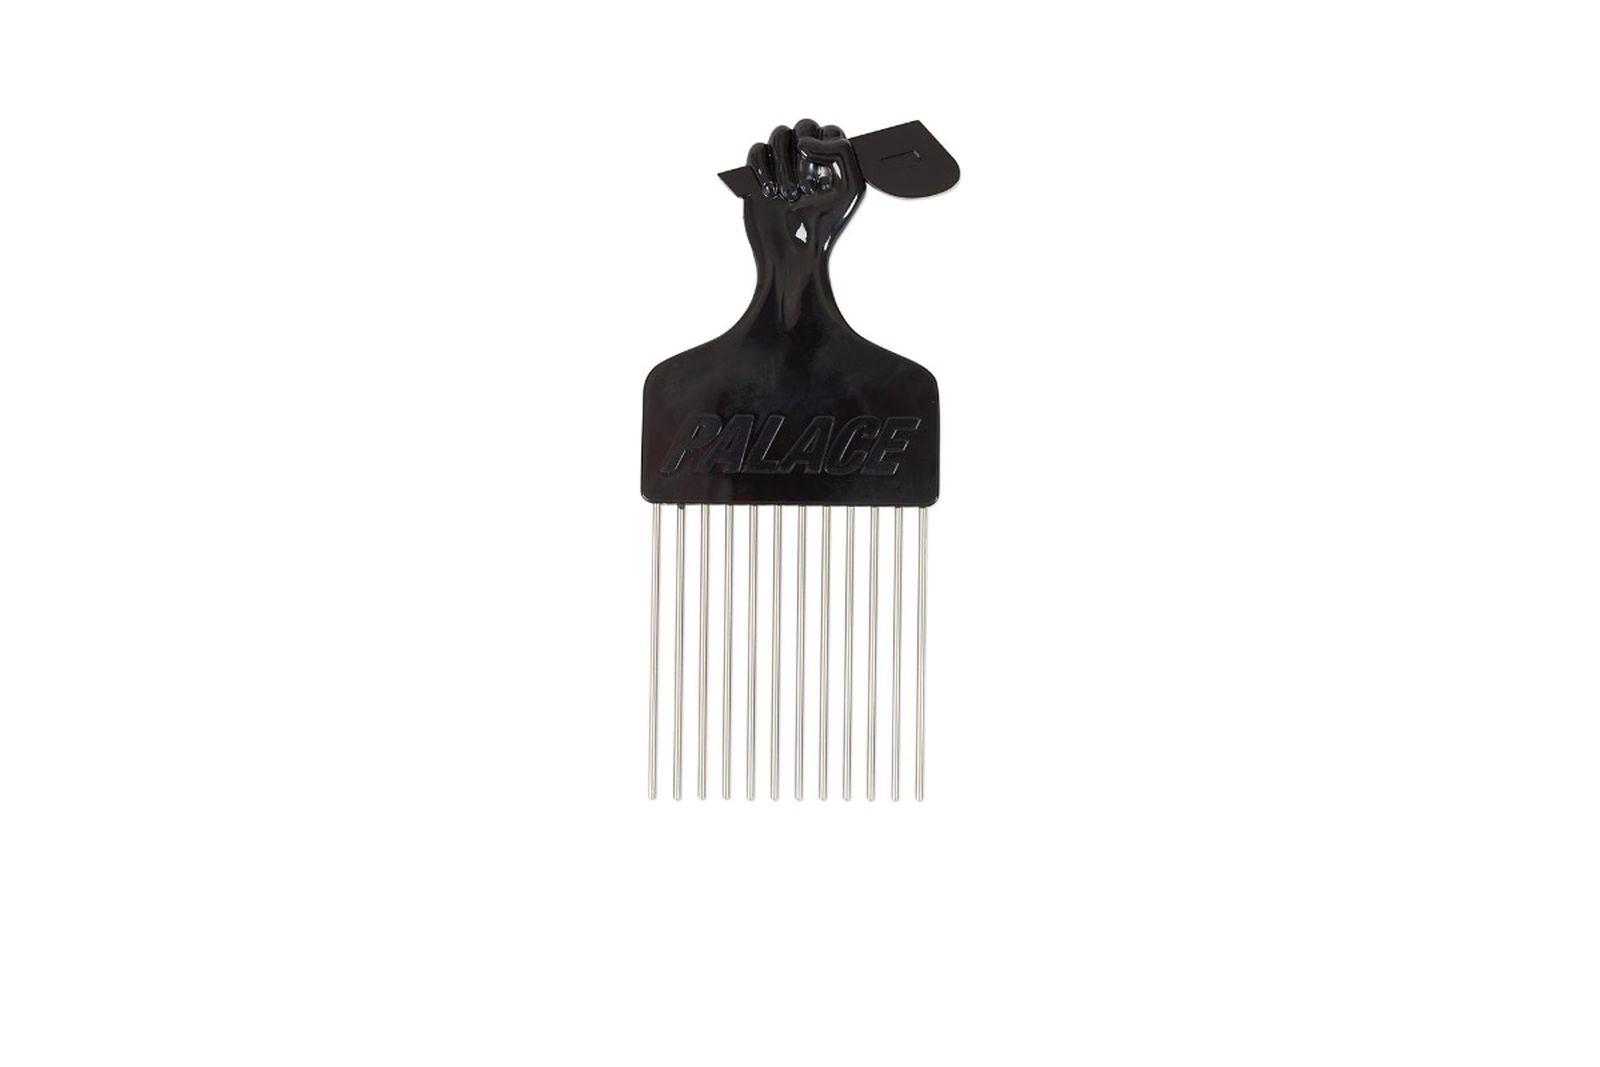 Palace 2019 Autumn Afro Comb